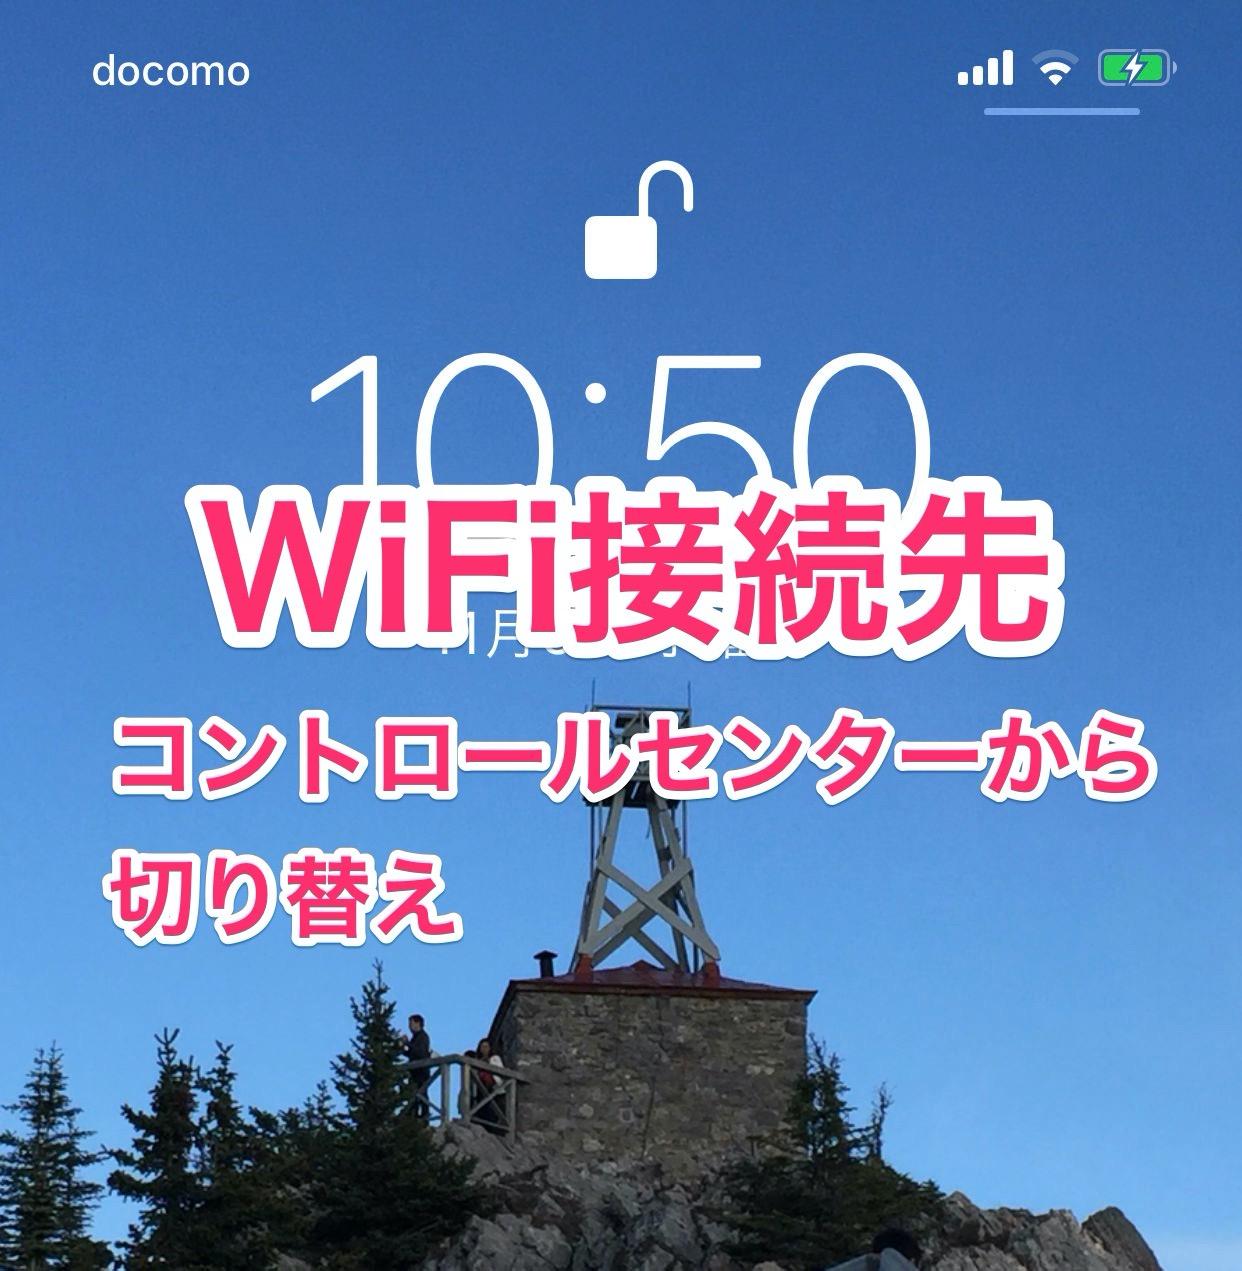 【iOS 13】コントロールセンターからWiFi接続先を切り替えられて便利